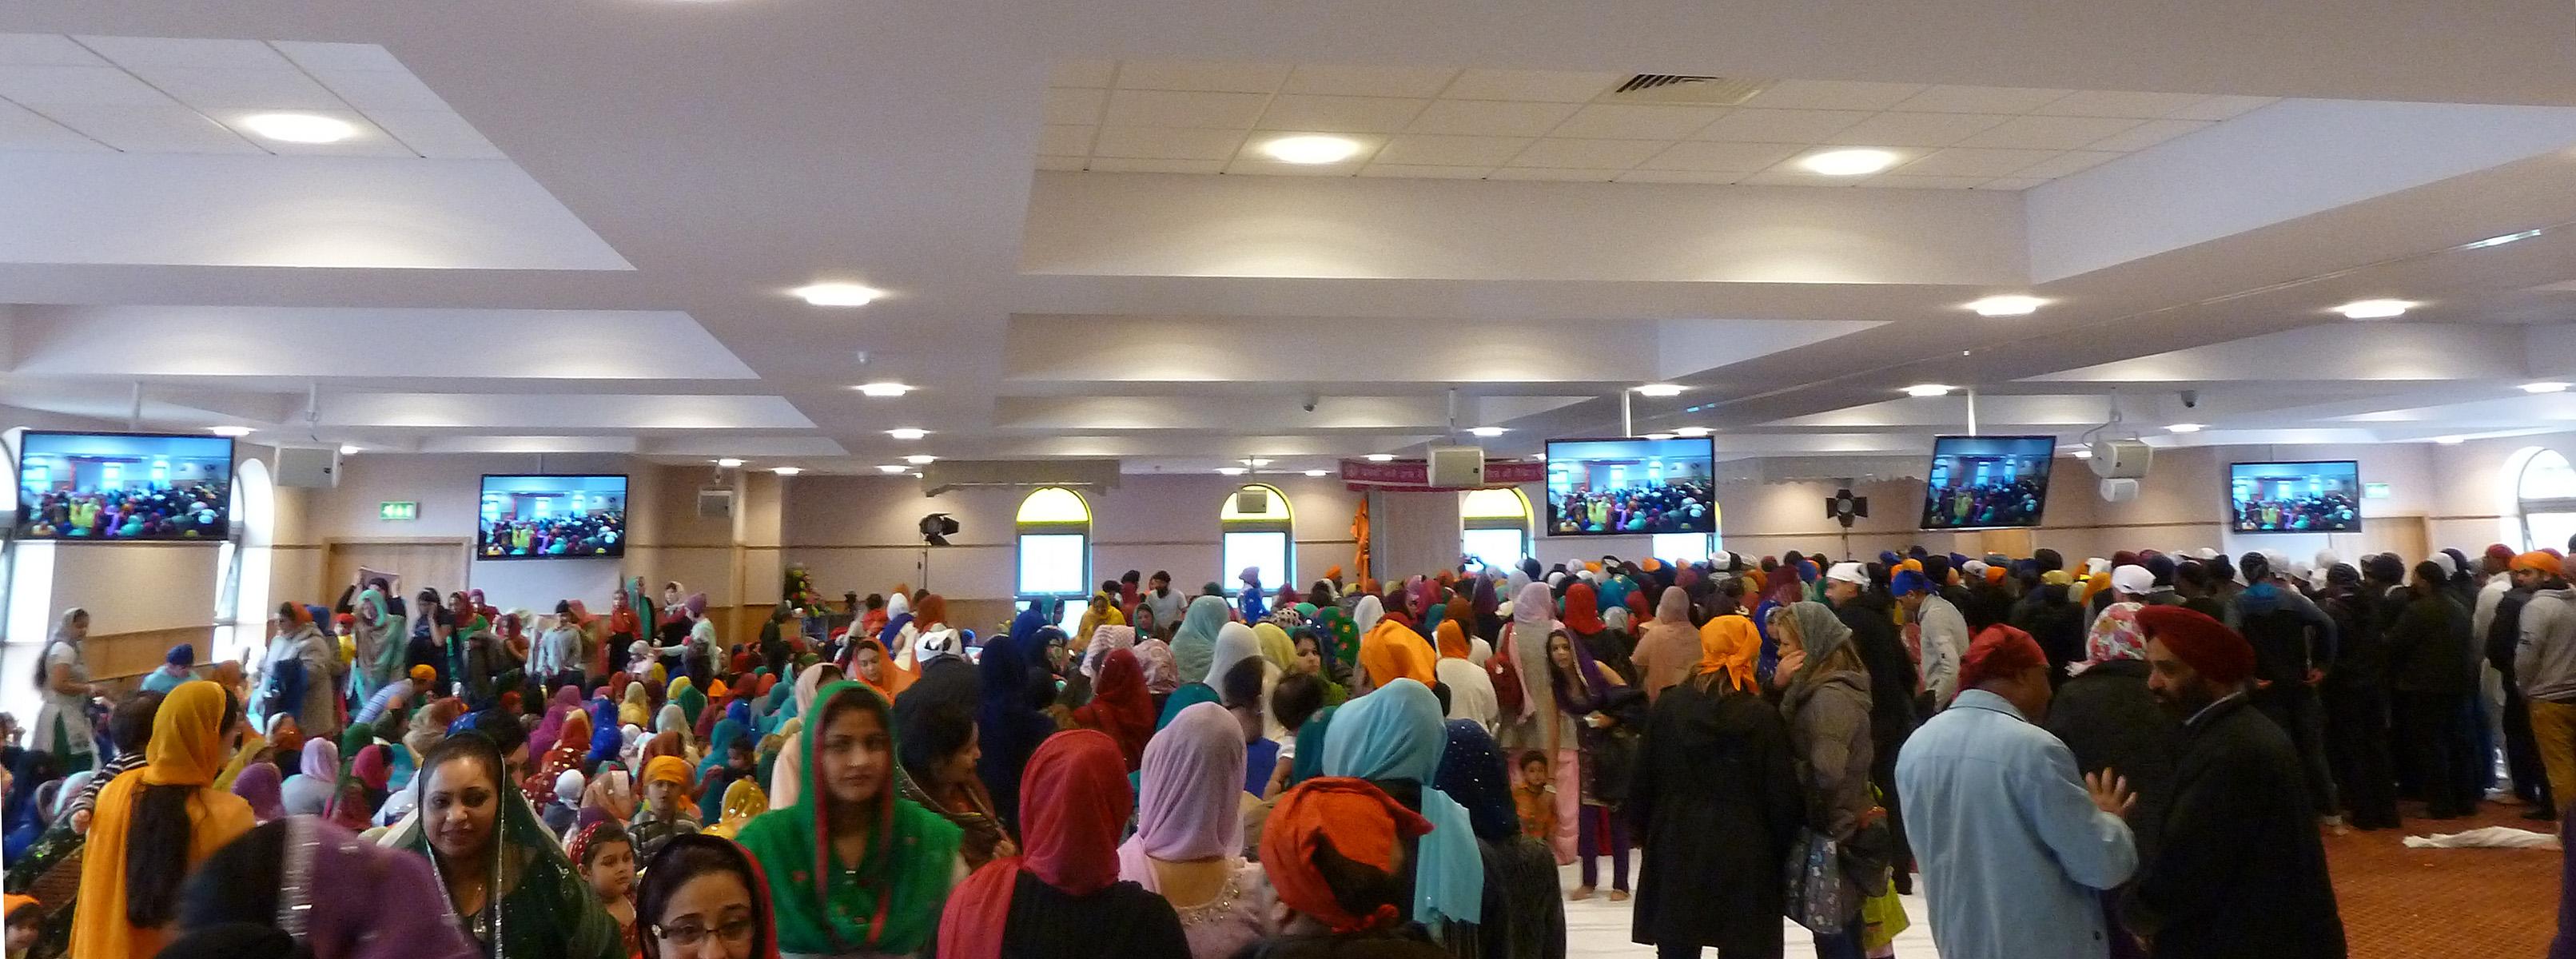 Gurdwara Guru Granth Sahib, Glasgow